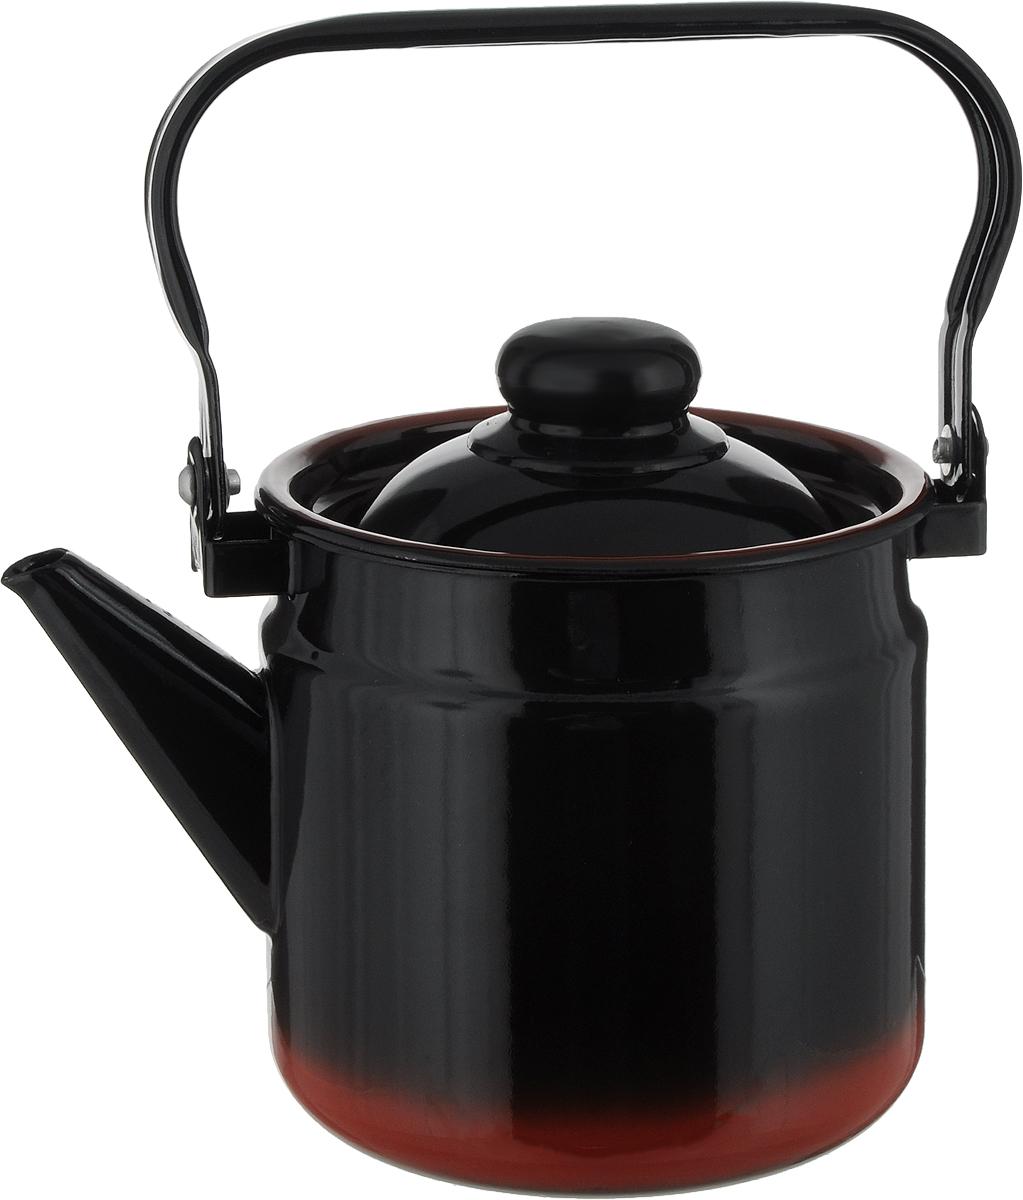 Чайник СтальЭмаль, цвет: черный, красный, 2 л. 1с25/я1с25/яЧайник СтальЭмаль выполнен из высококачественного стального проката, покрытого двумя слоями жаропрочной эмали. Такое покрытие защищает сталь от коррозии, придает посуде гладкую стекловидную поверхность и надежно защищает от кислот и щелочей. Чайник оснащен подвижной стальной ручкой и крышкой. Эстетичный и функциональный чайник будет оригинально смотреться в любом интерьере. Подходит для газовых, электрических, стеклокерамических, индукционных плит. Можно мыть в посудомоечной машине. Диаметр (по верхнему краю): 15 см.Высота чайника (без учета ручки и крышки): 17 см.